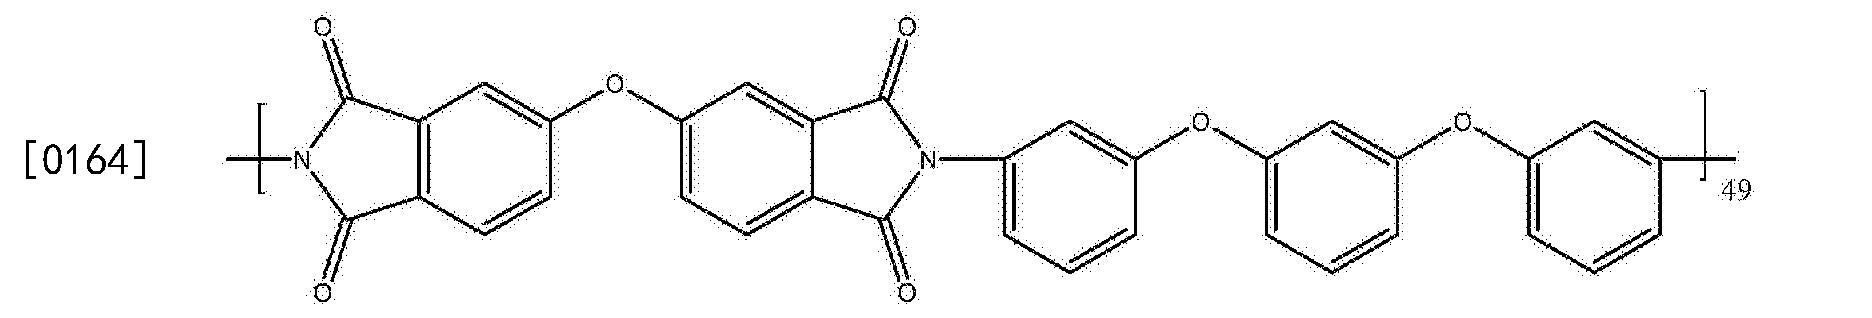 Figure CN104829837BD00204